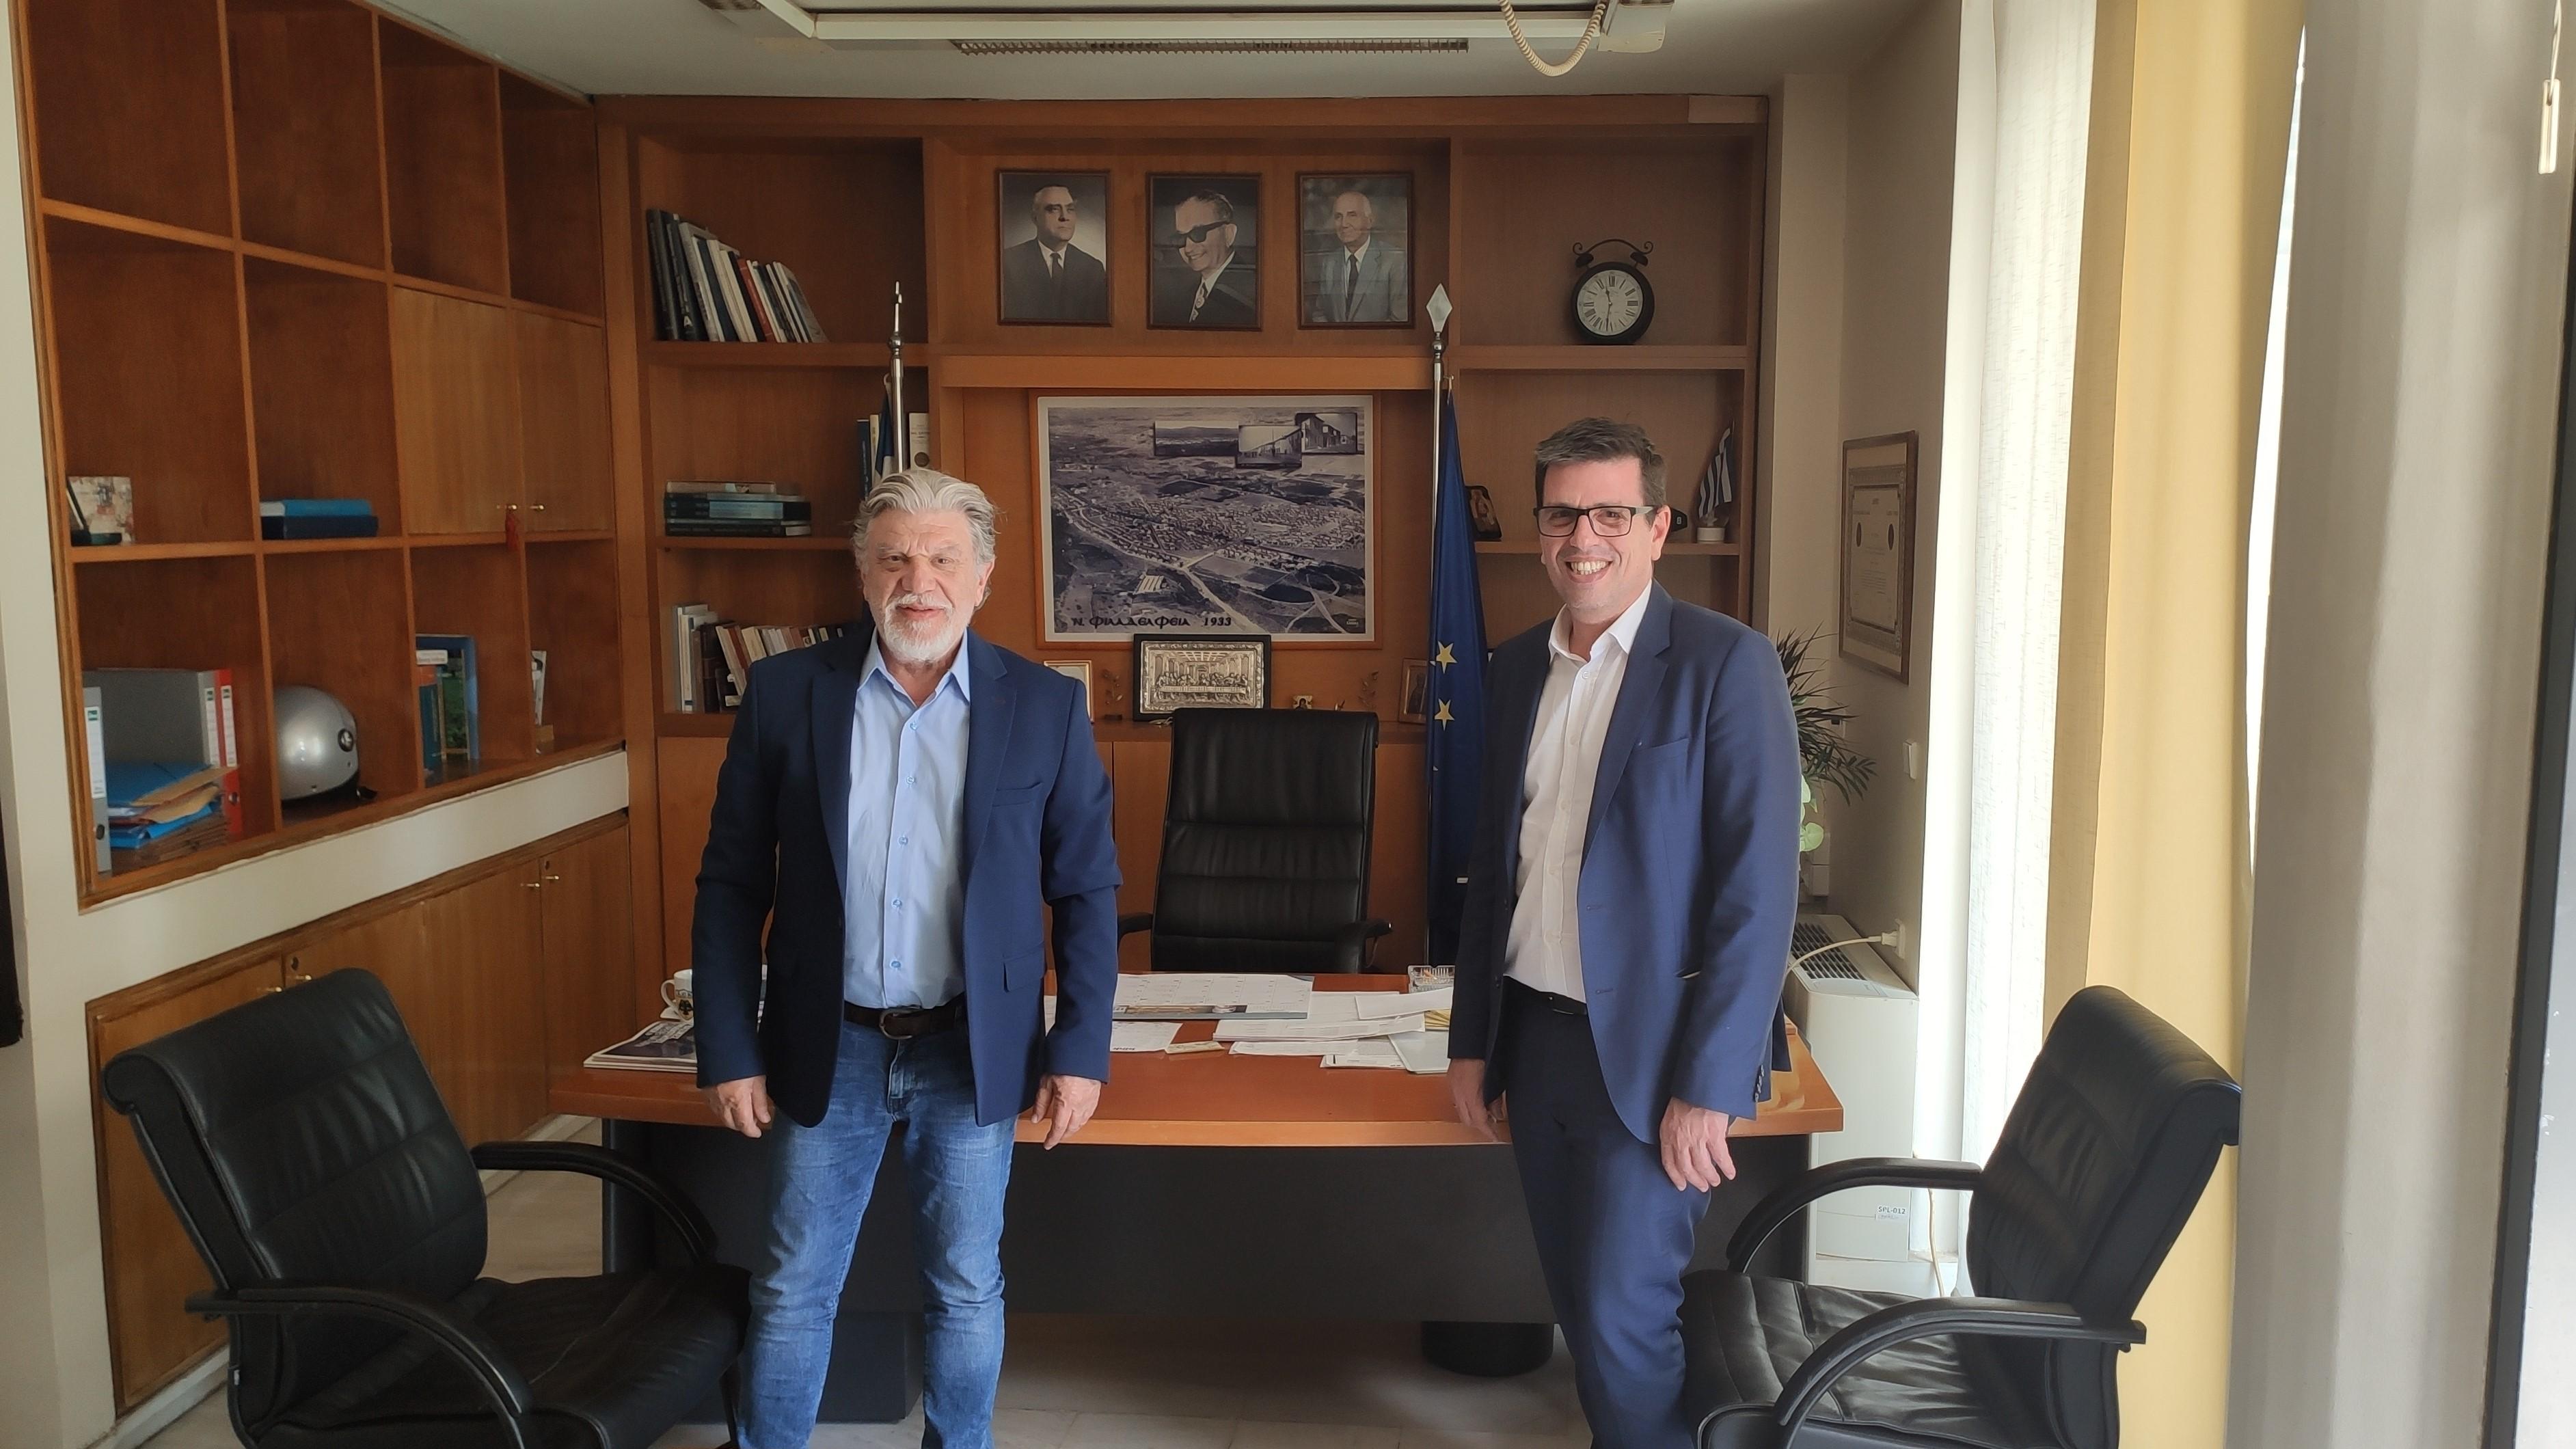 Συνάντηση με τον Γιάννη Βούρο, Δήμαρχο Νέας Φιλαδέλφειας – Νέας Χαλκηδόνας (04.06.2020)